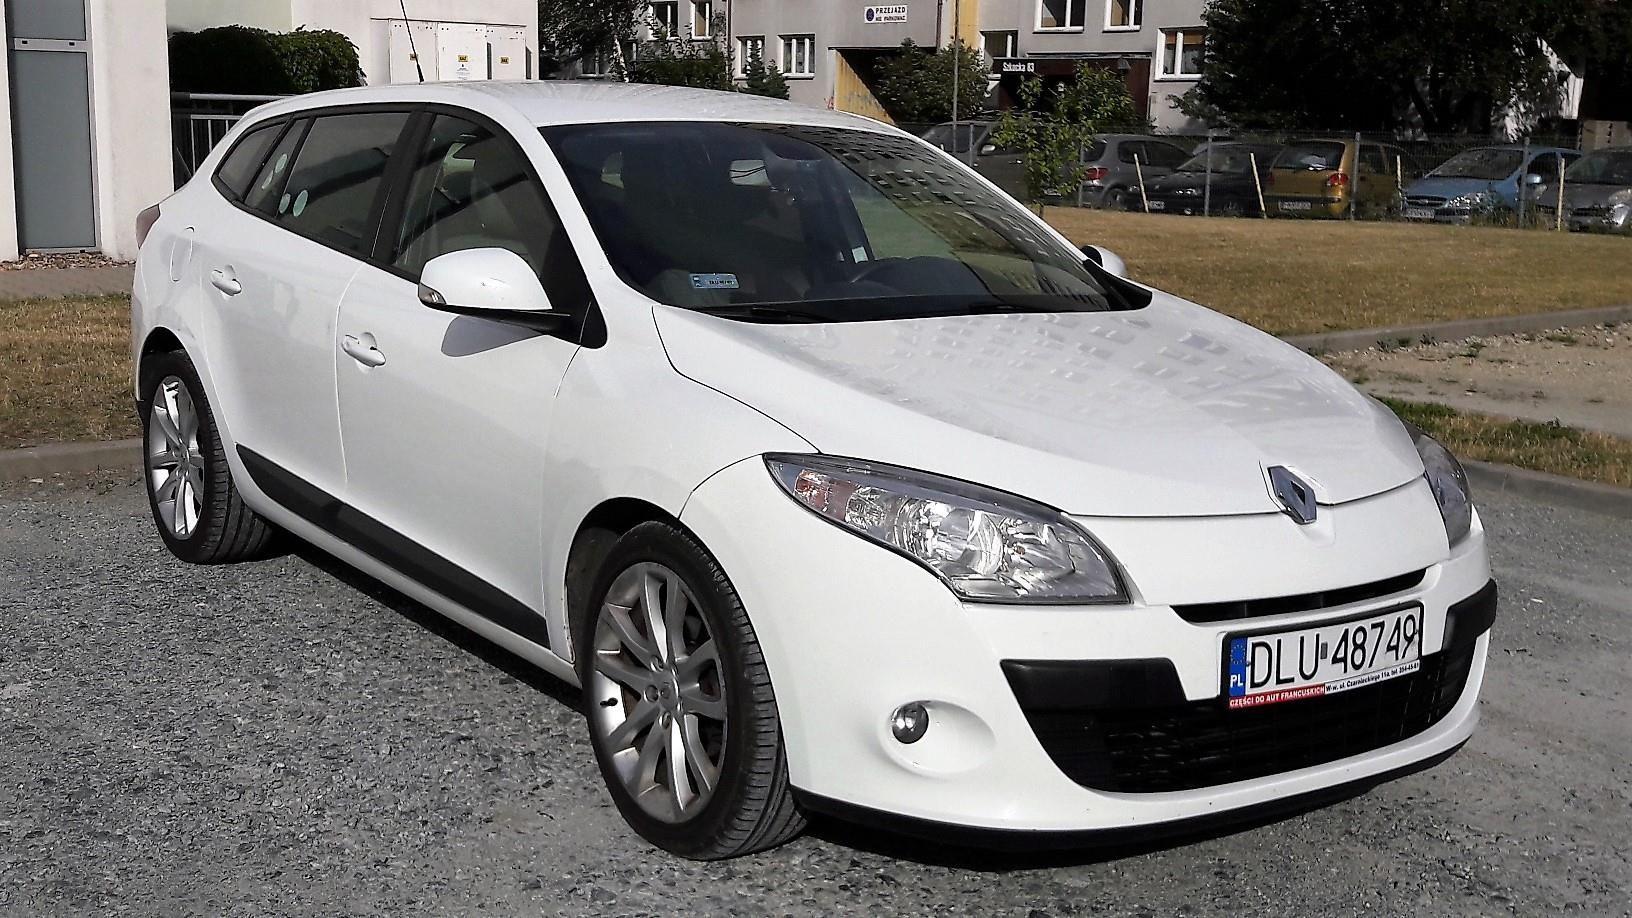 Renault Megane Iii 2010 130km Kombi Bialy Opinie I Ceny Na Ceneo Pl